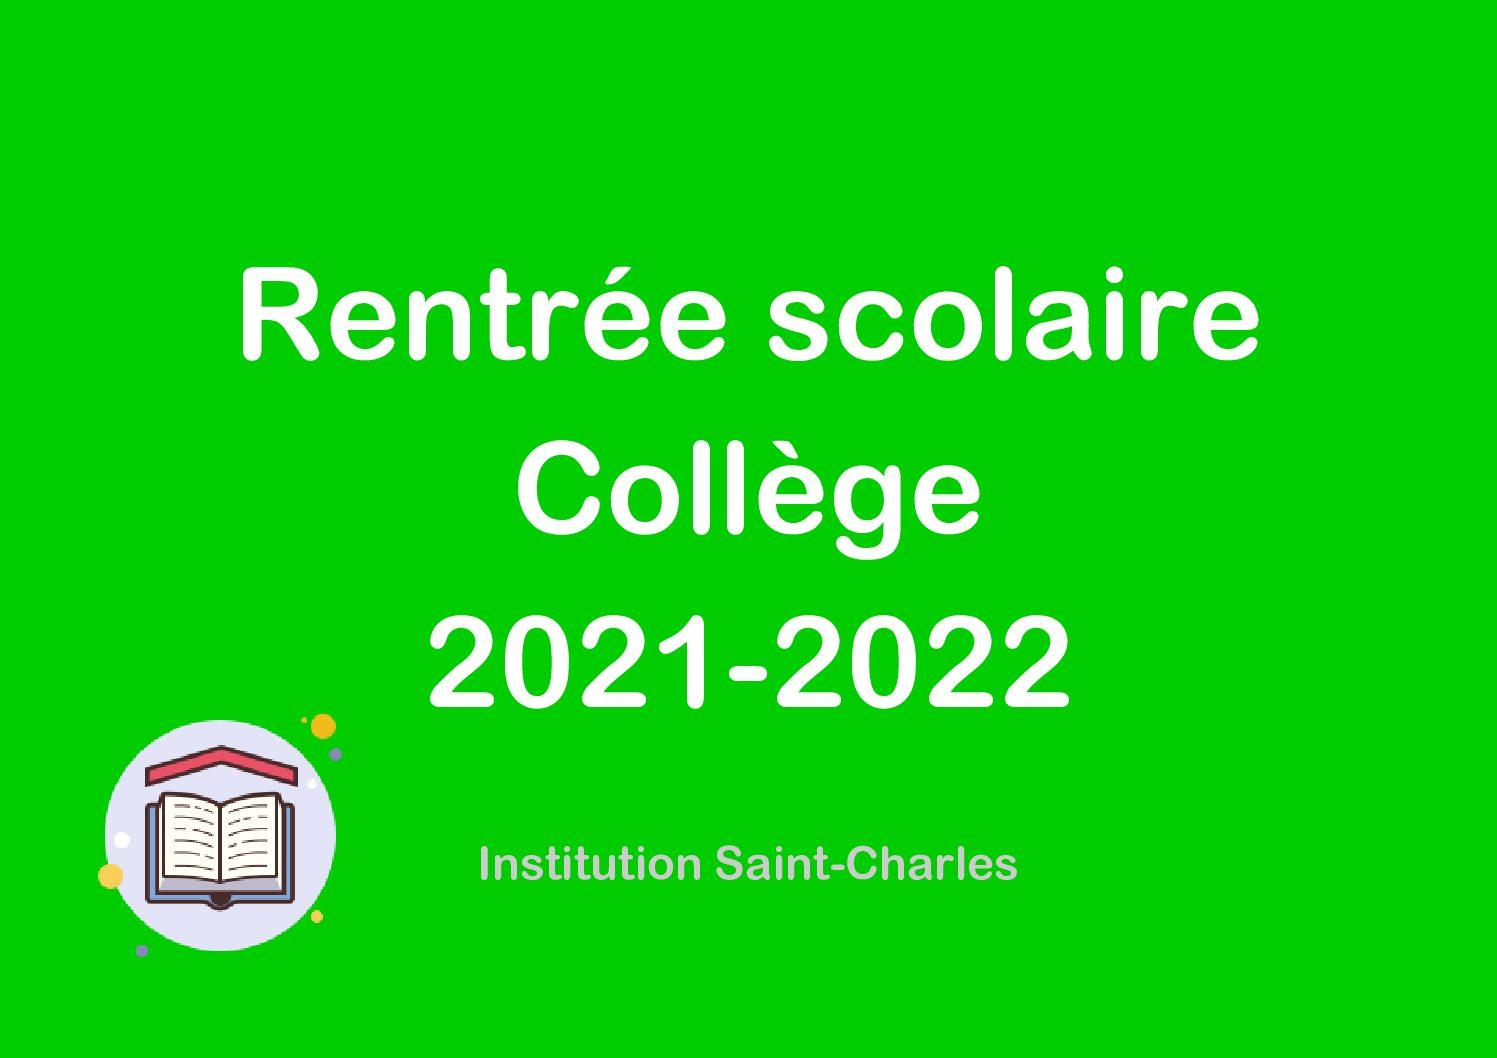 Rentrée 2021-2022 : Collège